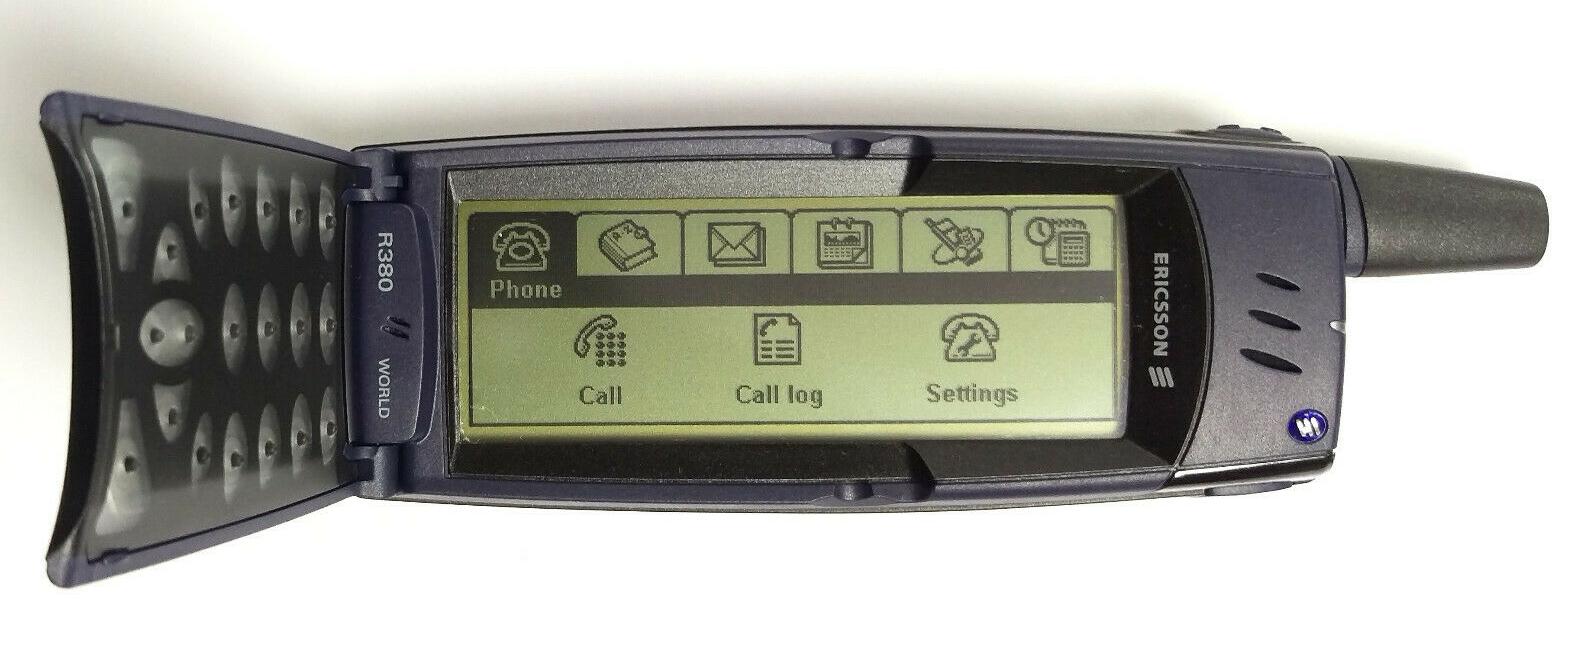 Уроки Symbian OS — фиаско топ менеджеров, колосс на глиняных ногах, или неотвратимость бытия? - 3